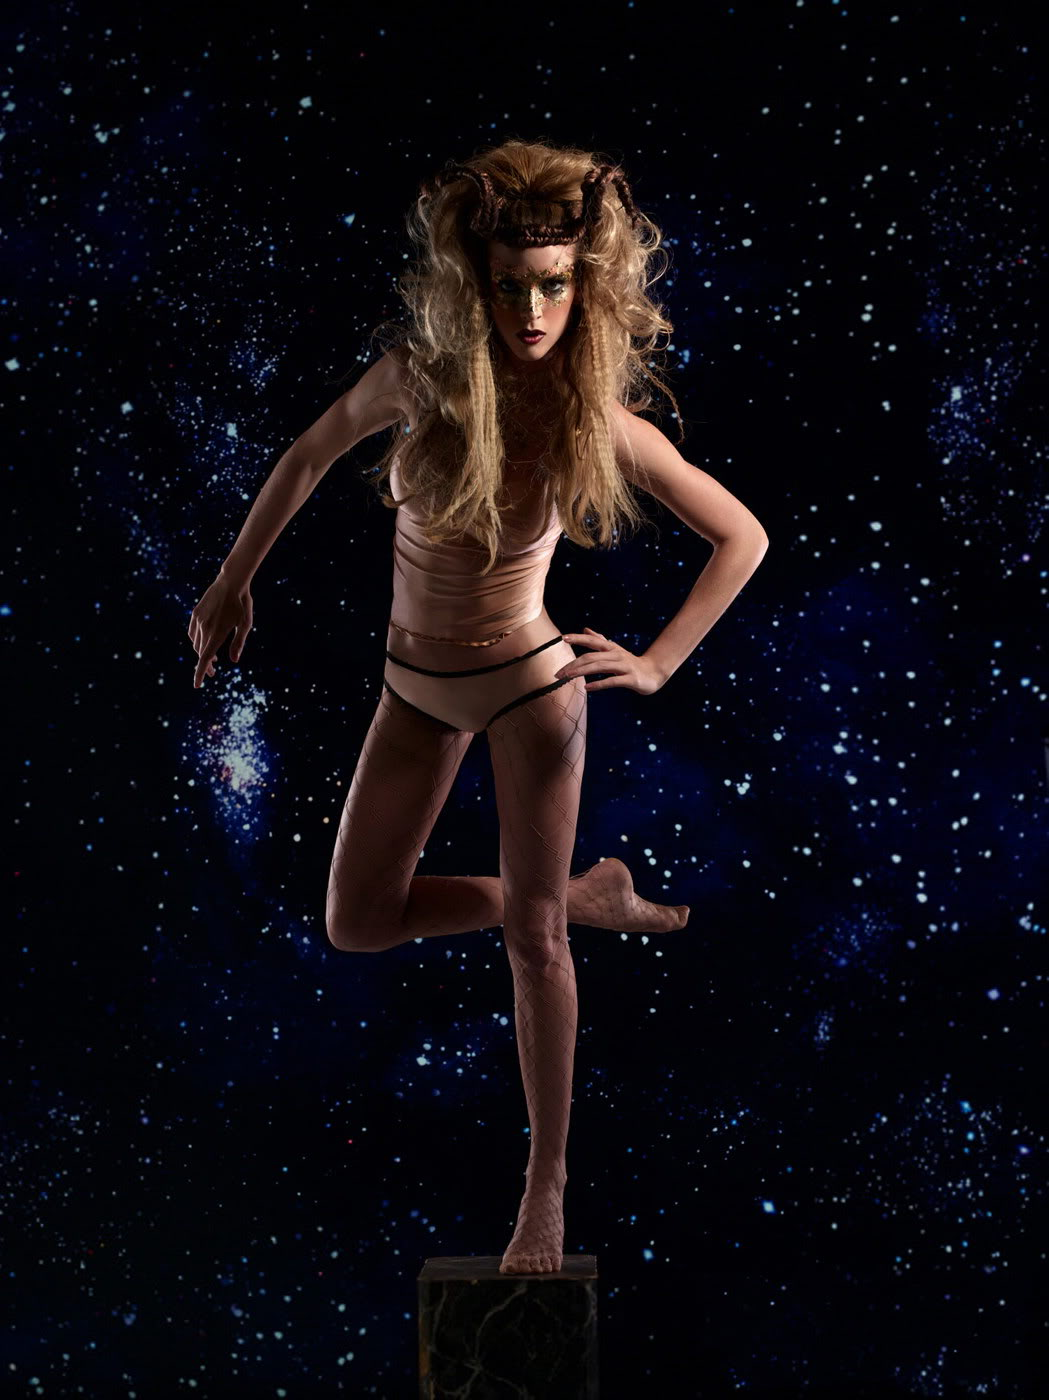 ANTM-Kahlen06-Tracy-Bayne.jpg